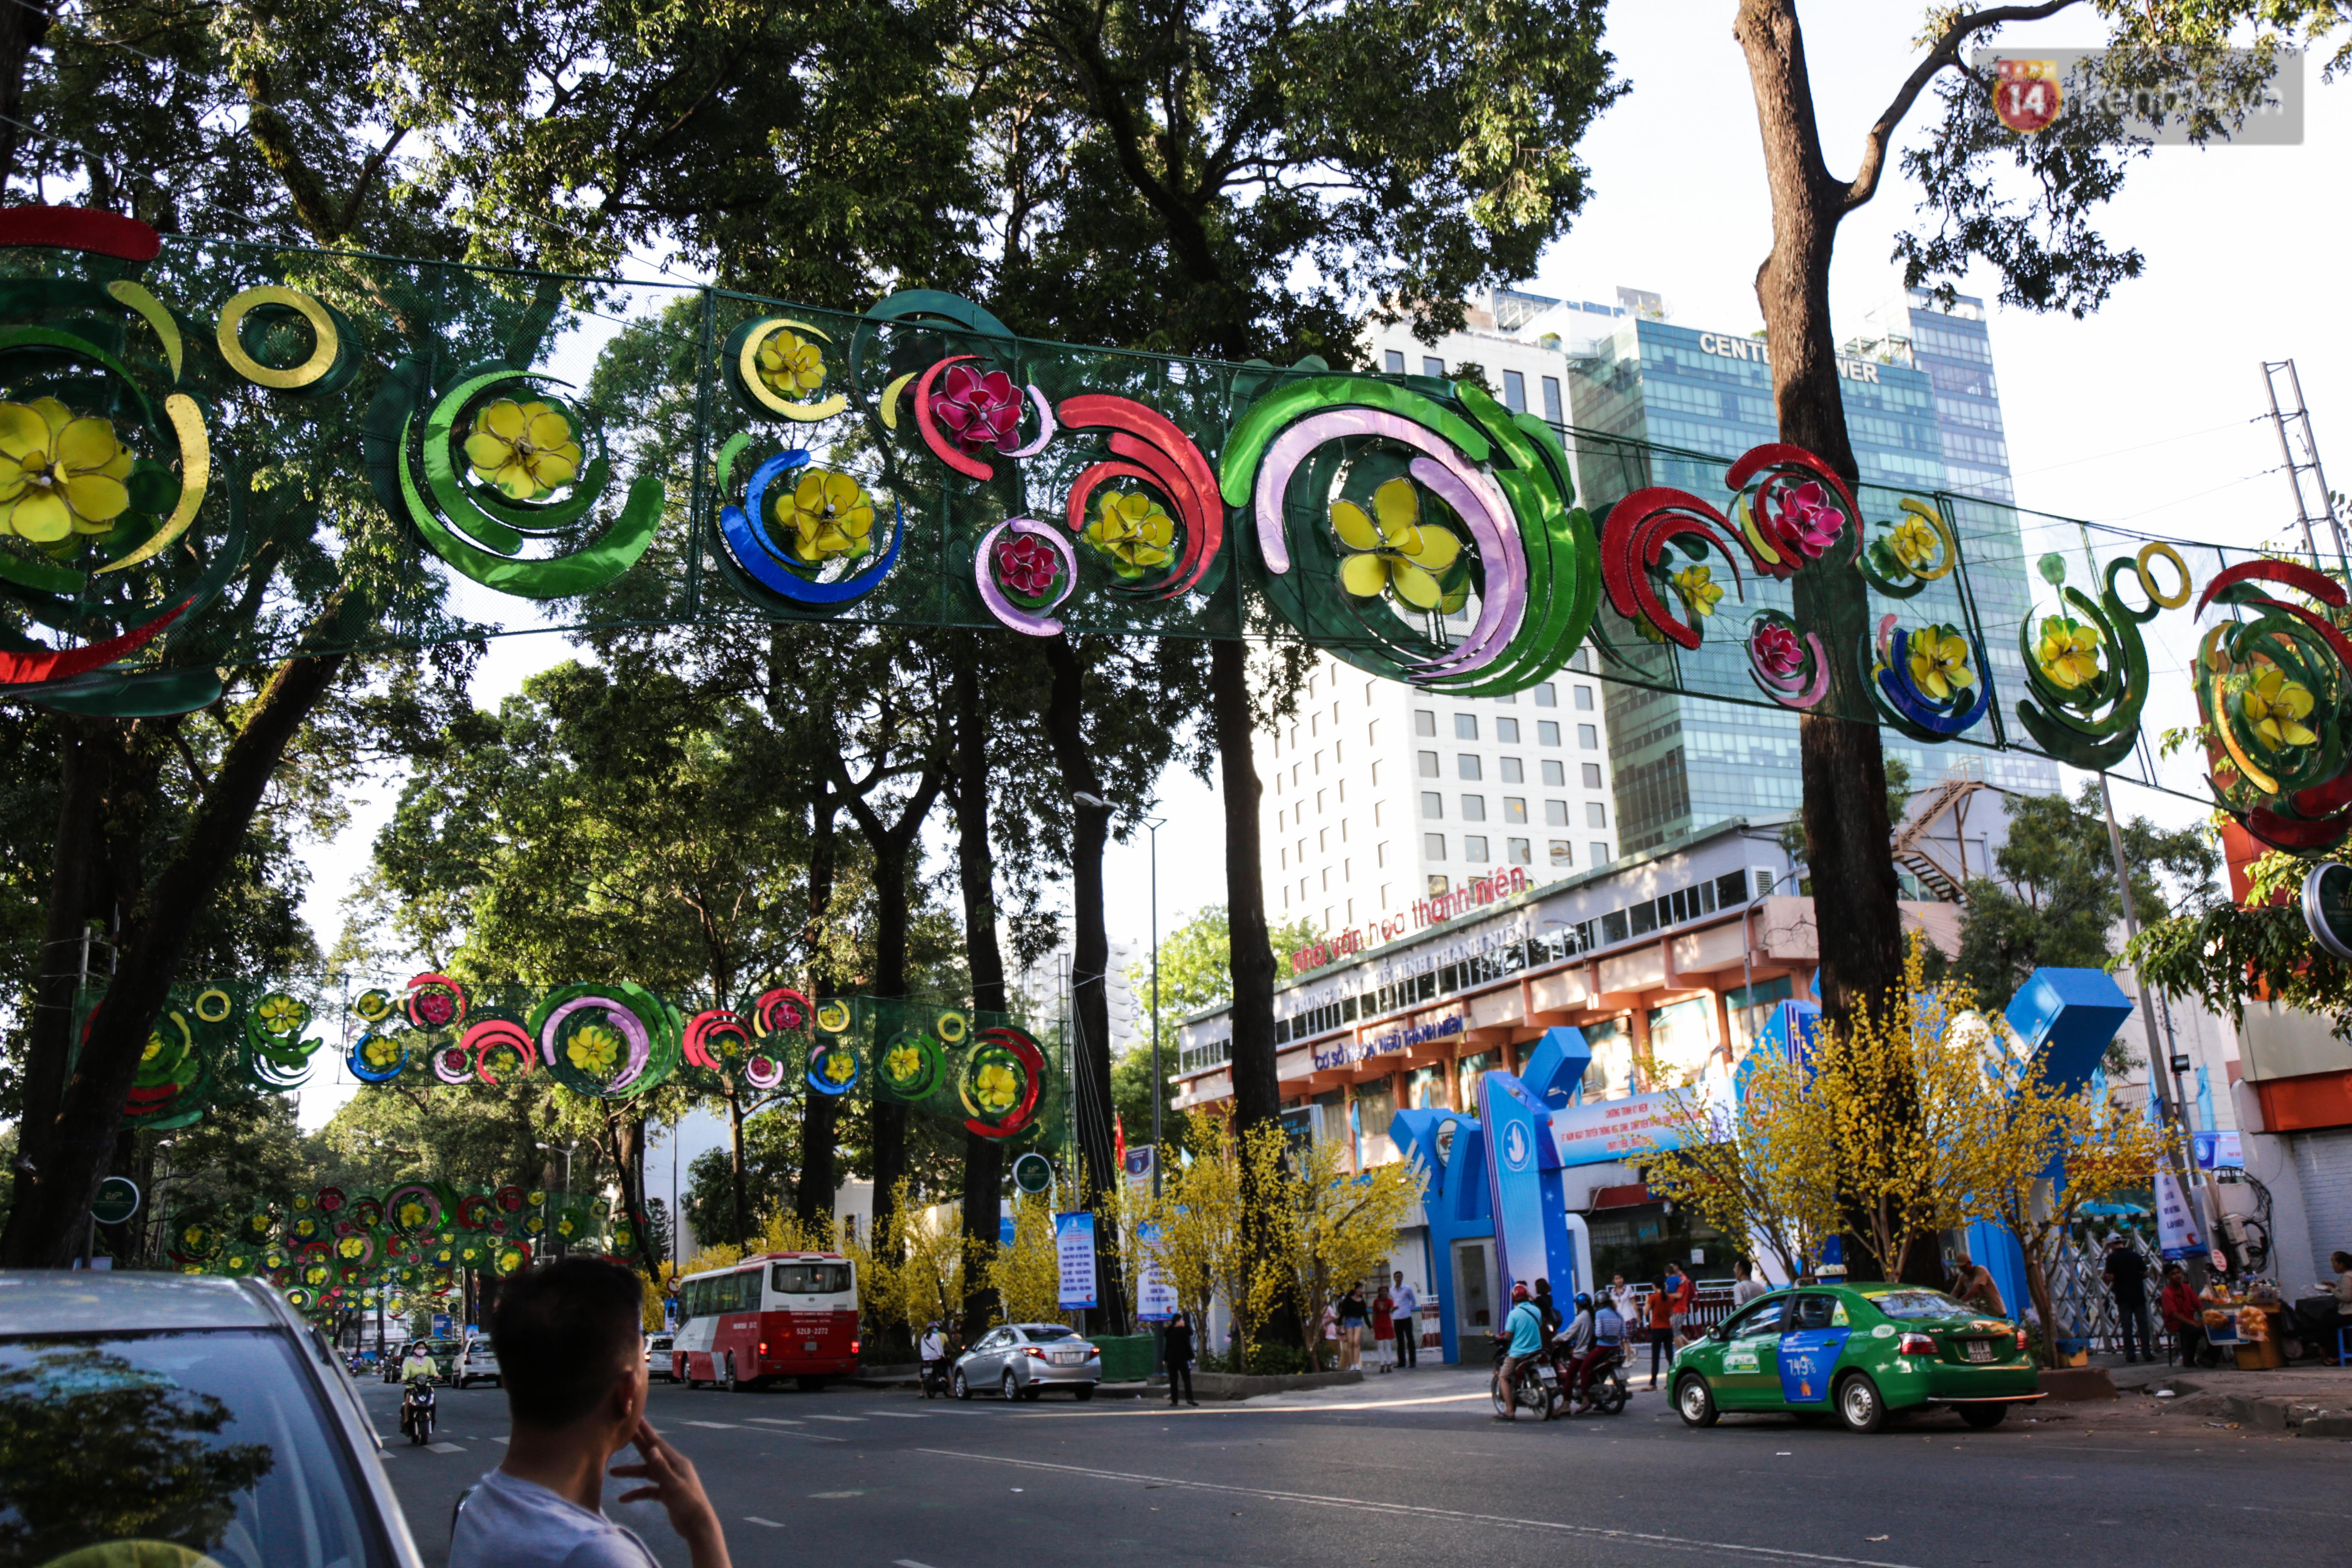 Đèn trang trí Tết trên đường Phạm Ngọc Thạch được chỉnh sửa sau khi người dân chê xấu - Ảnh 5.